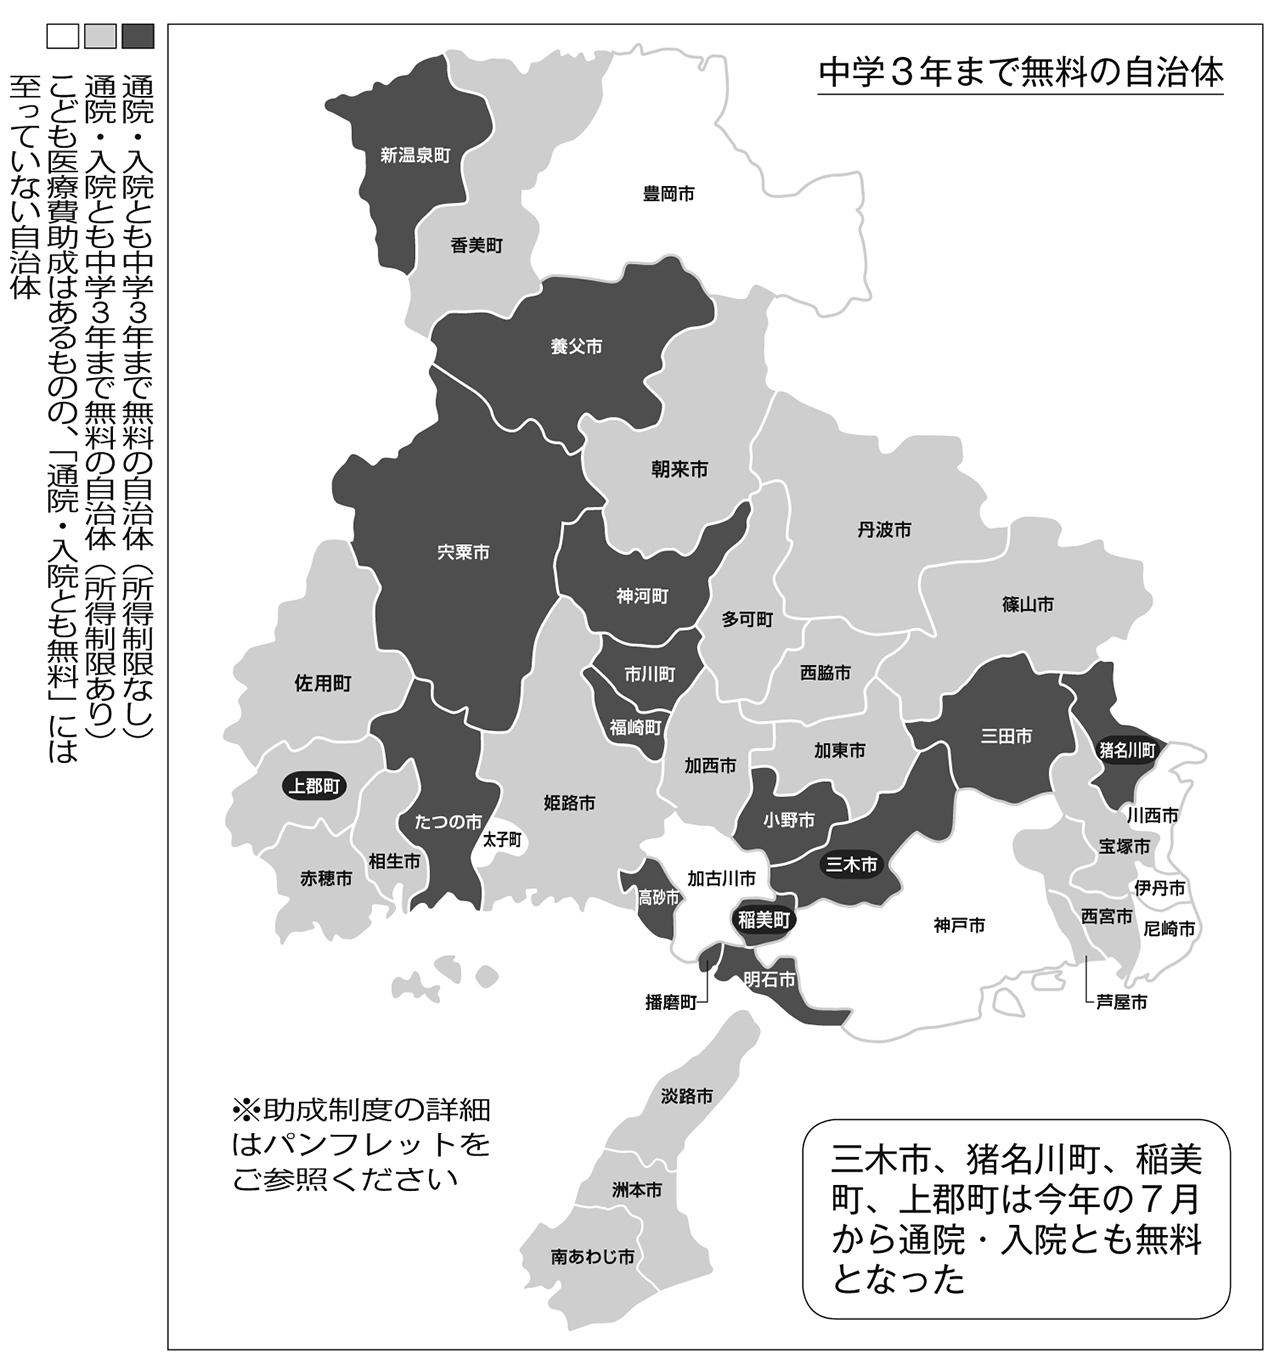 通院・入院とも中3まで無料 自治体の8割に広がる 協会調査<br/>全市町、全国に広げていこう